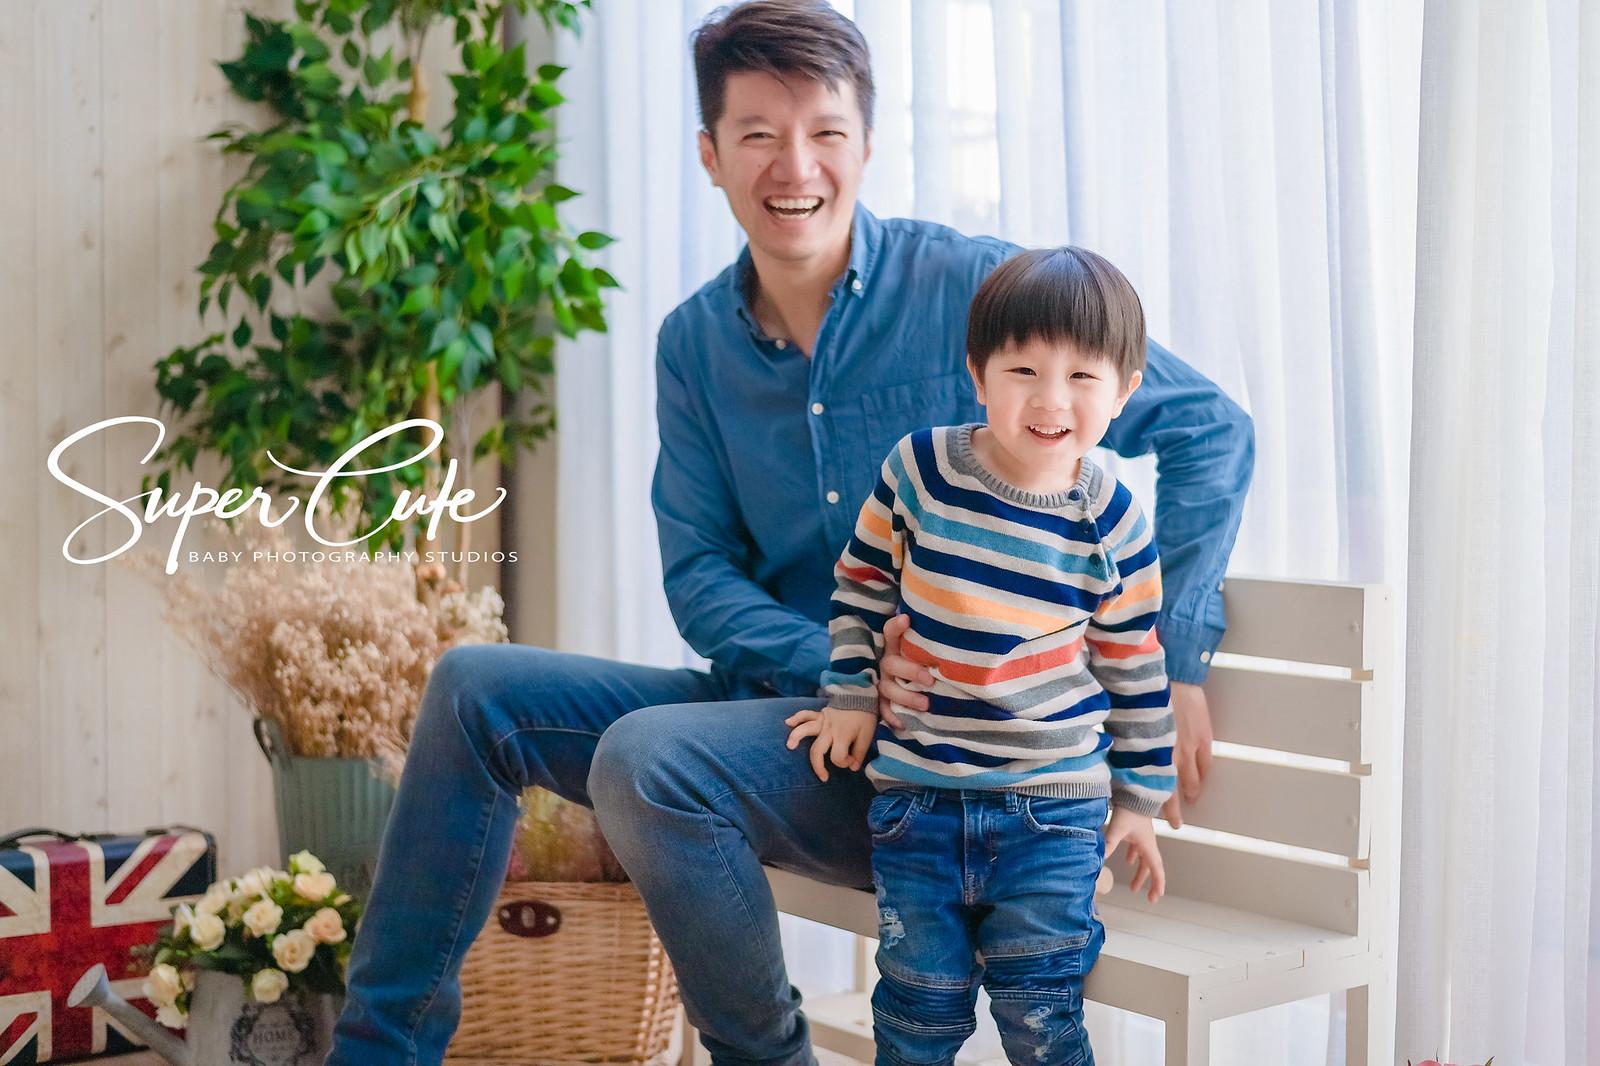 寶寶寫真,兒童寫真,親子寫真,小朱爸,supercute